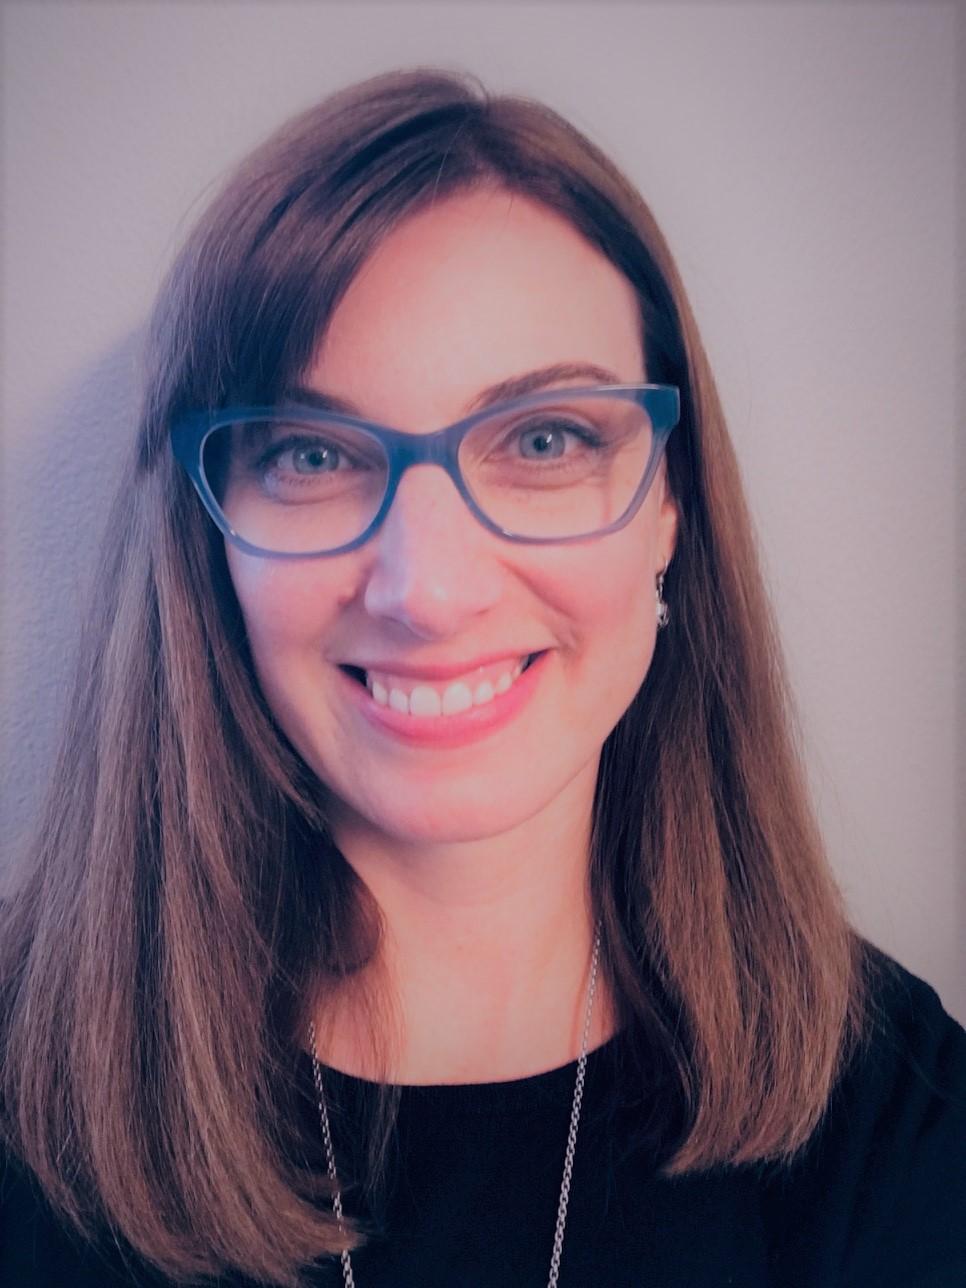 Stephanie Wichmann